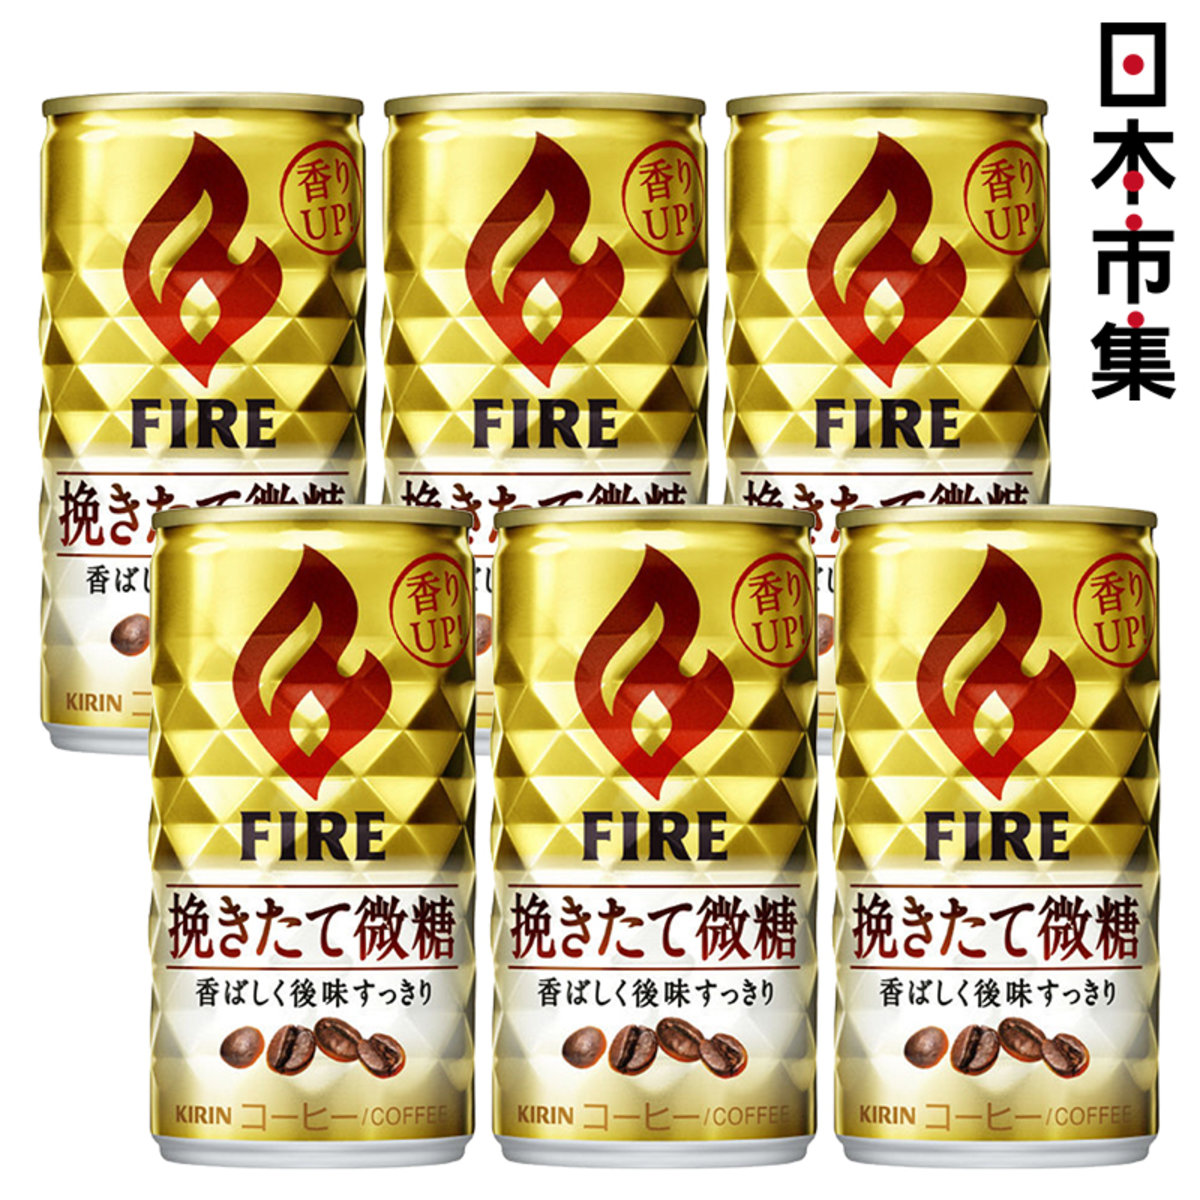 日版麒麟Kirin Fire 微糖牛奶咖啡 185ml (6罐裝)【市集世界 - MOAN】